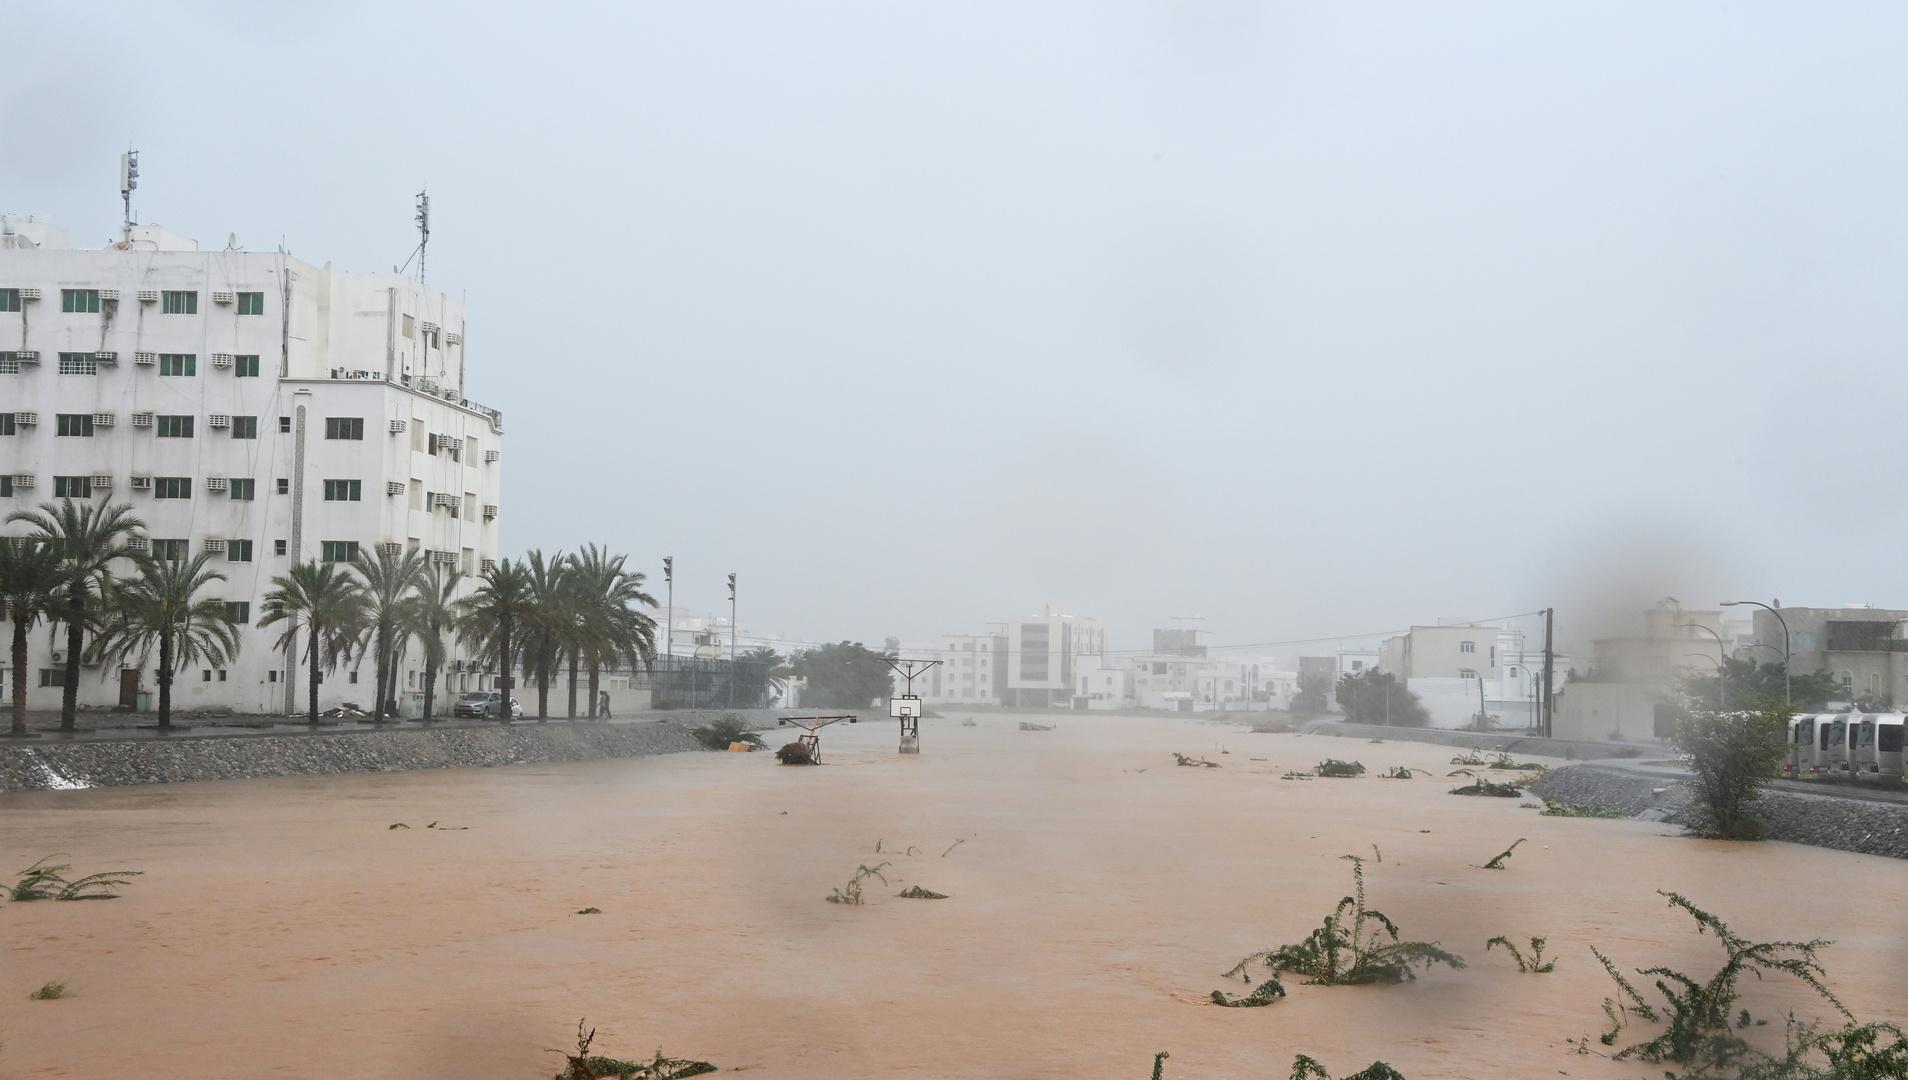 شوارع العاصمة العمانية مسقط بعد تعرضها لفيضانات وأمطار غزيرة ناجمة عن إعصار